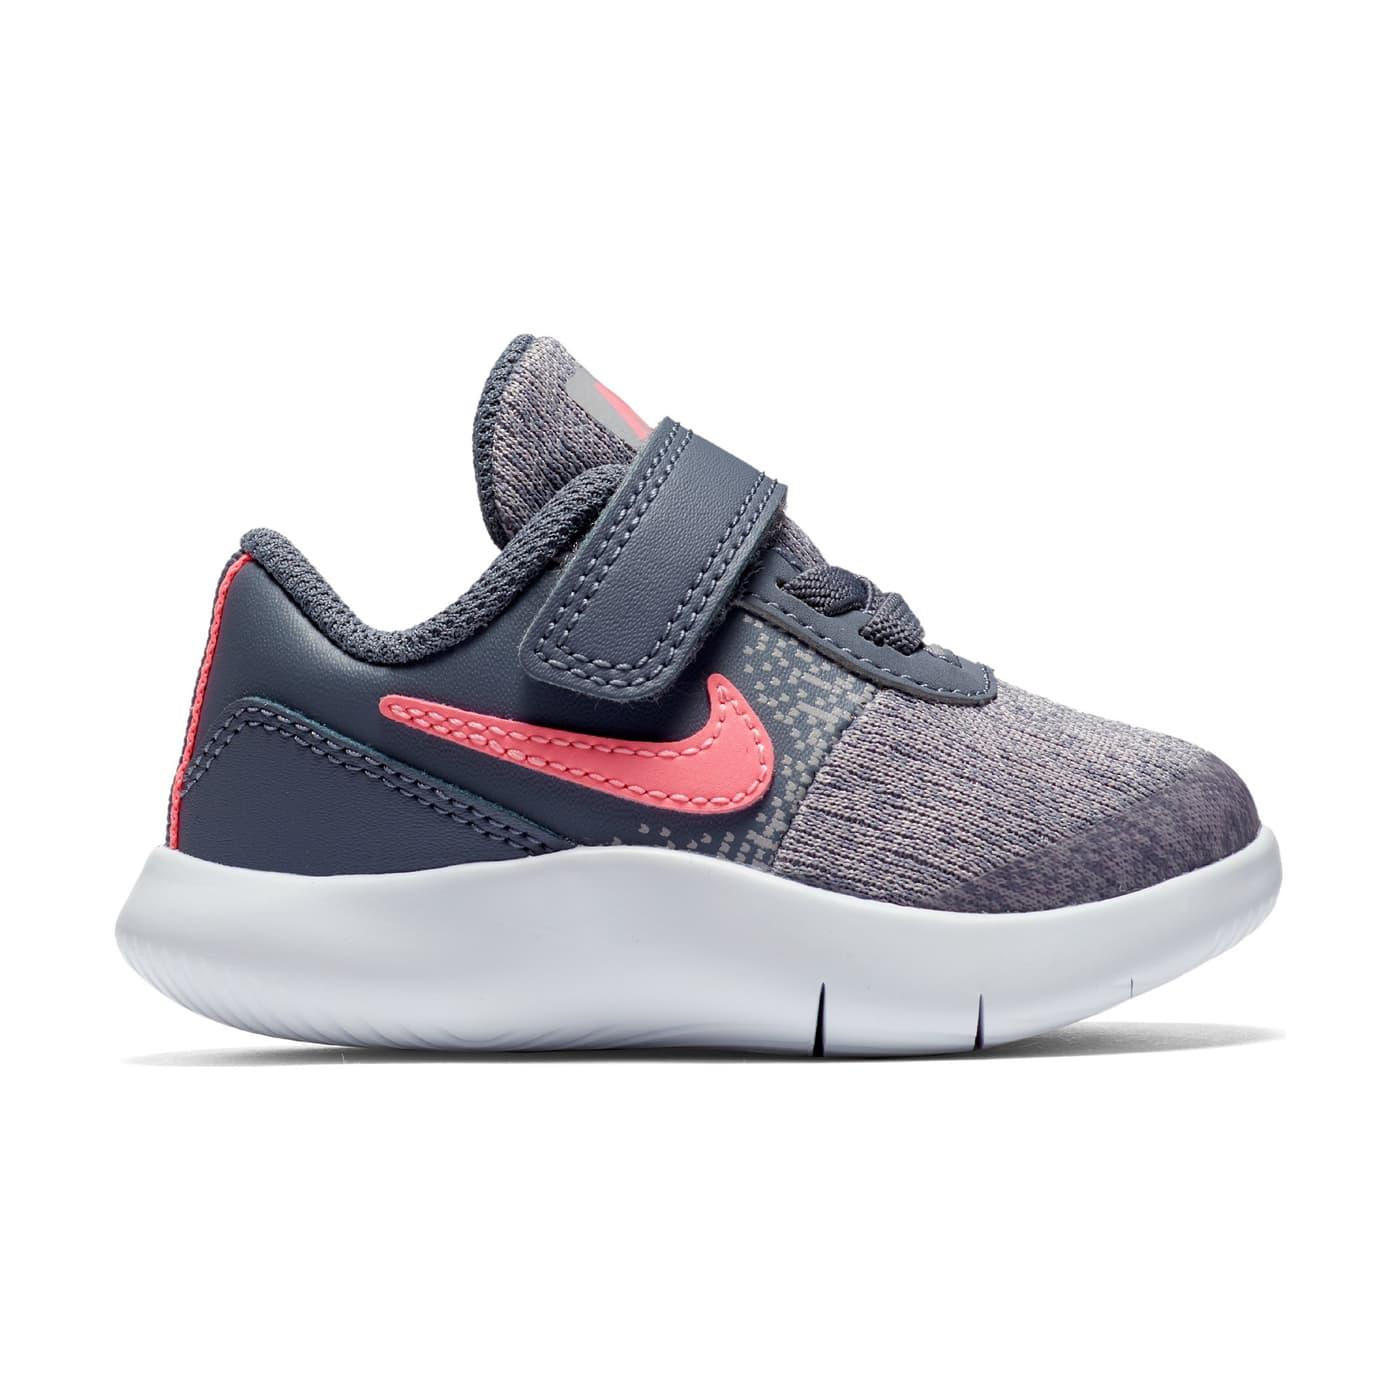 af9056dcd05 Nike Flex Contact Chaussures de course pour enfant ...